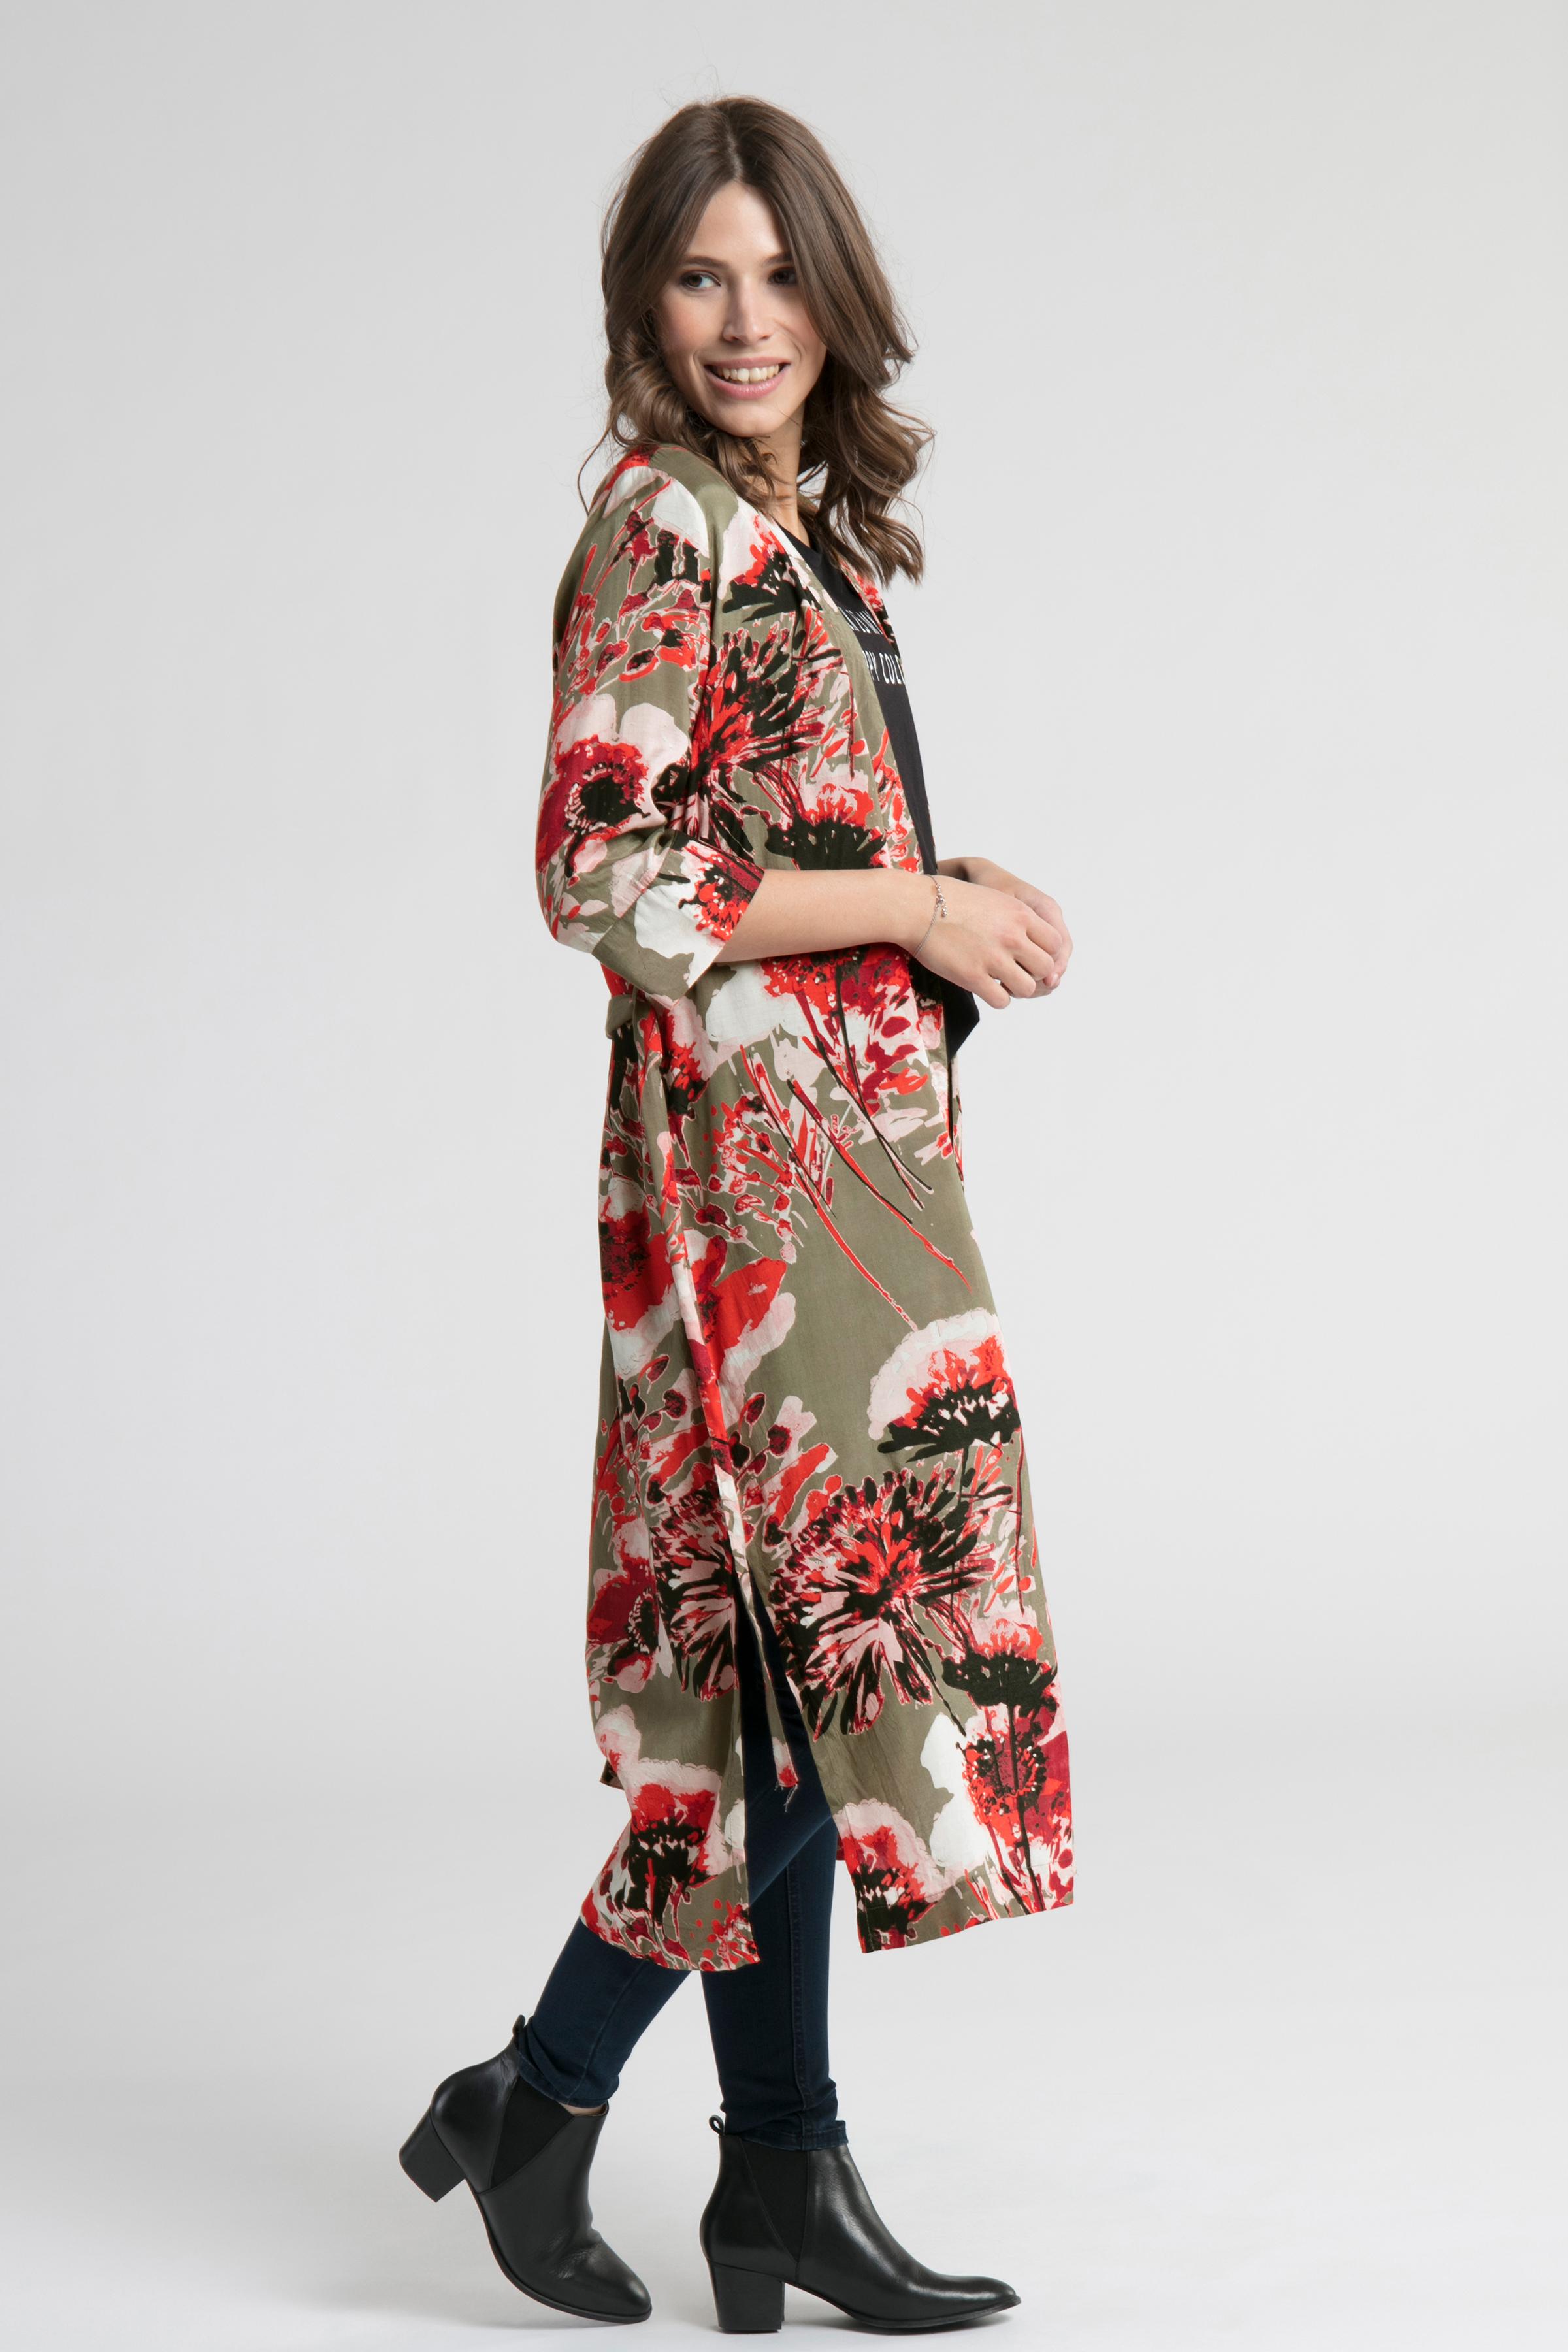 Misty olijf/rood Kimono van Kaffe – Door Misty olijf/rood Kimono van maat. 34-46 hier